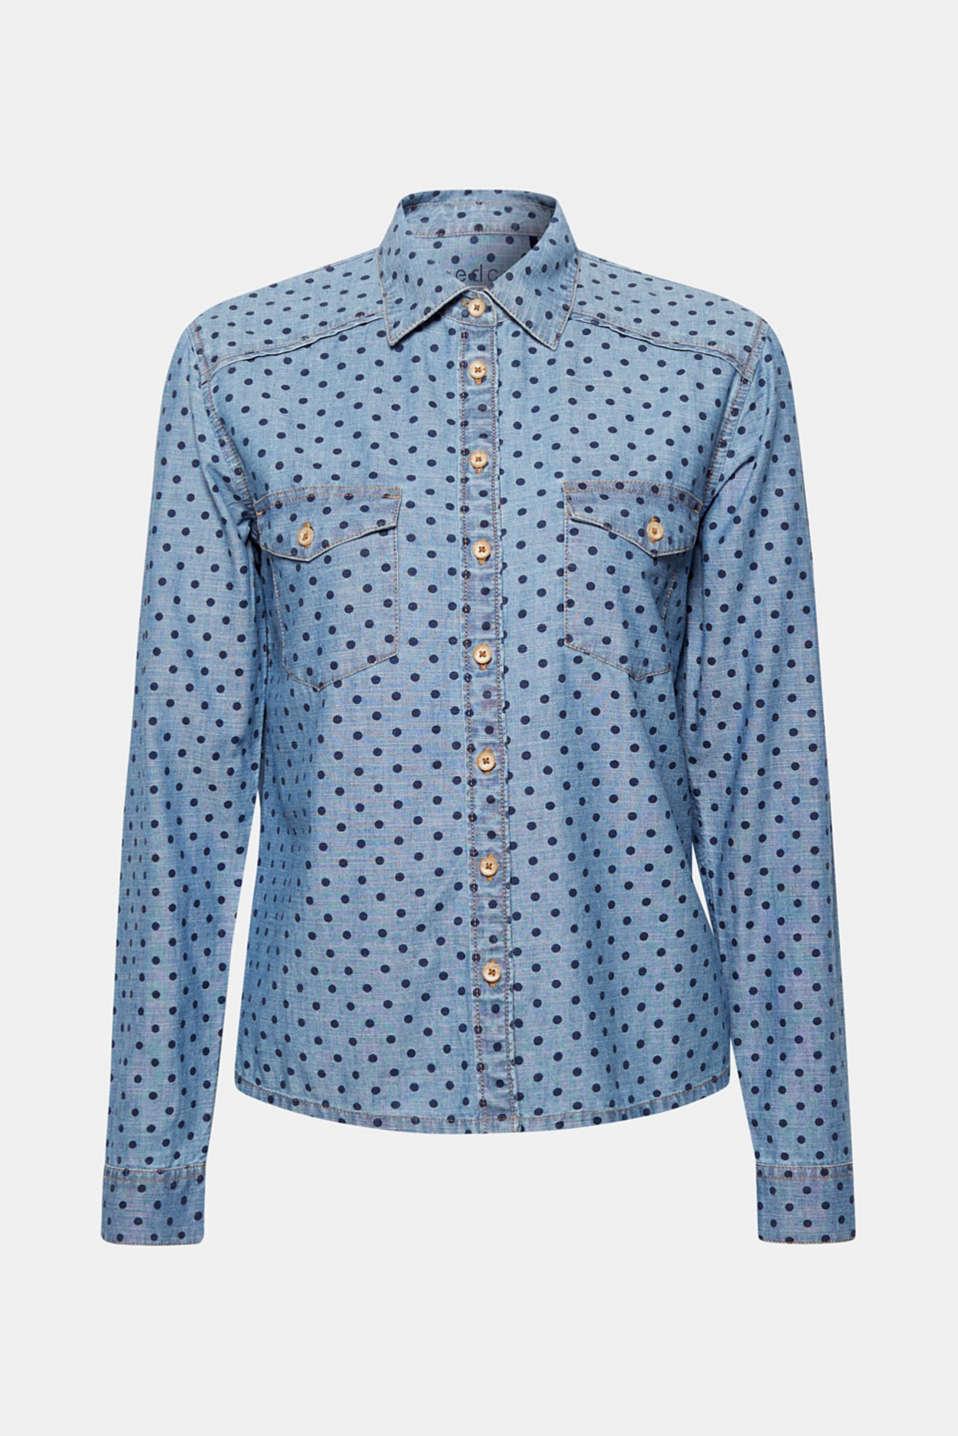 Lässiger Denim trifft auf feine Tupfen - und macht diese vielseitig kombinierbare Jeans-Bluse aus reiner Baumwolle zum modischen Must-Have!